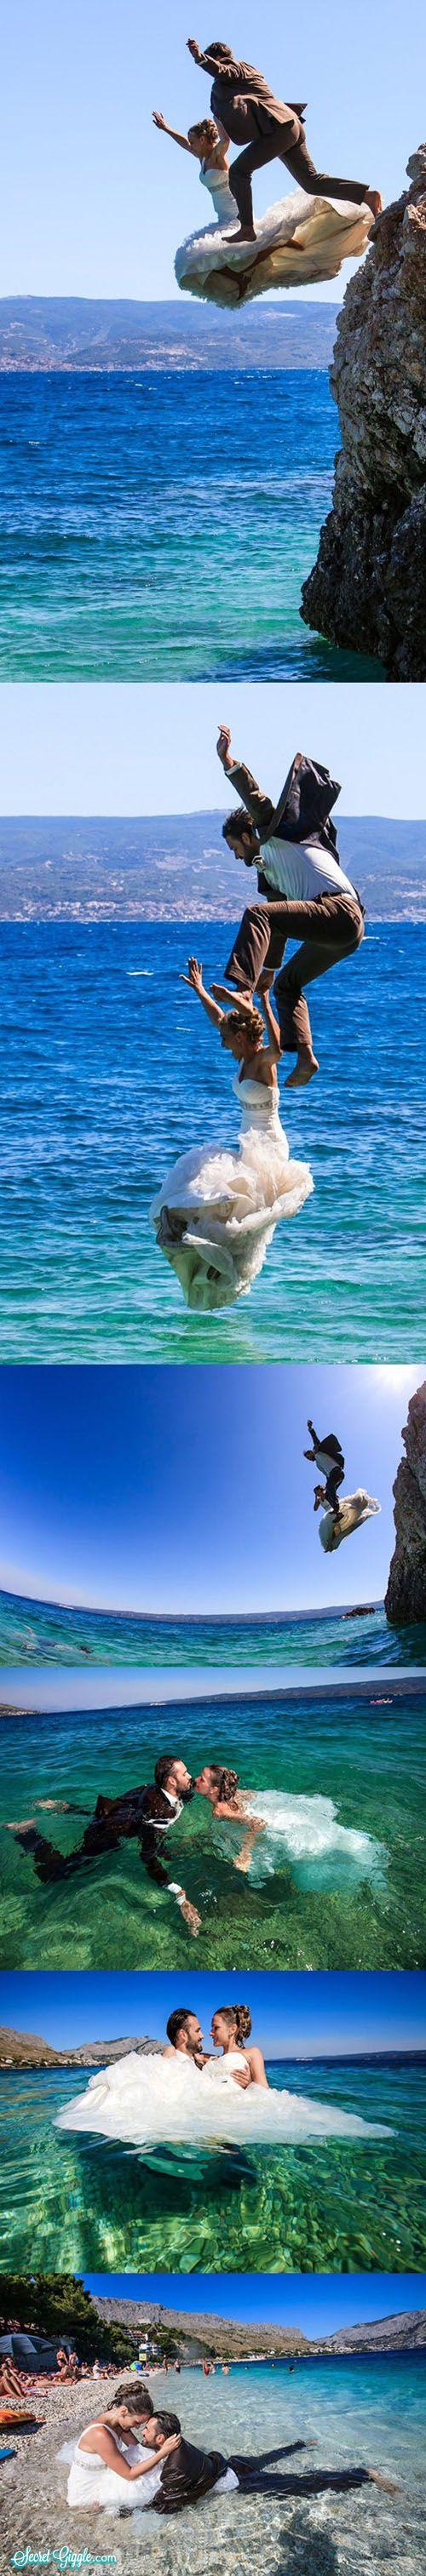 sesja ślubna-skok do wody